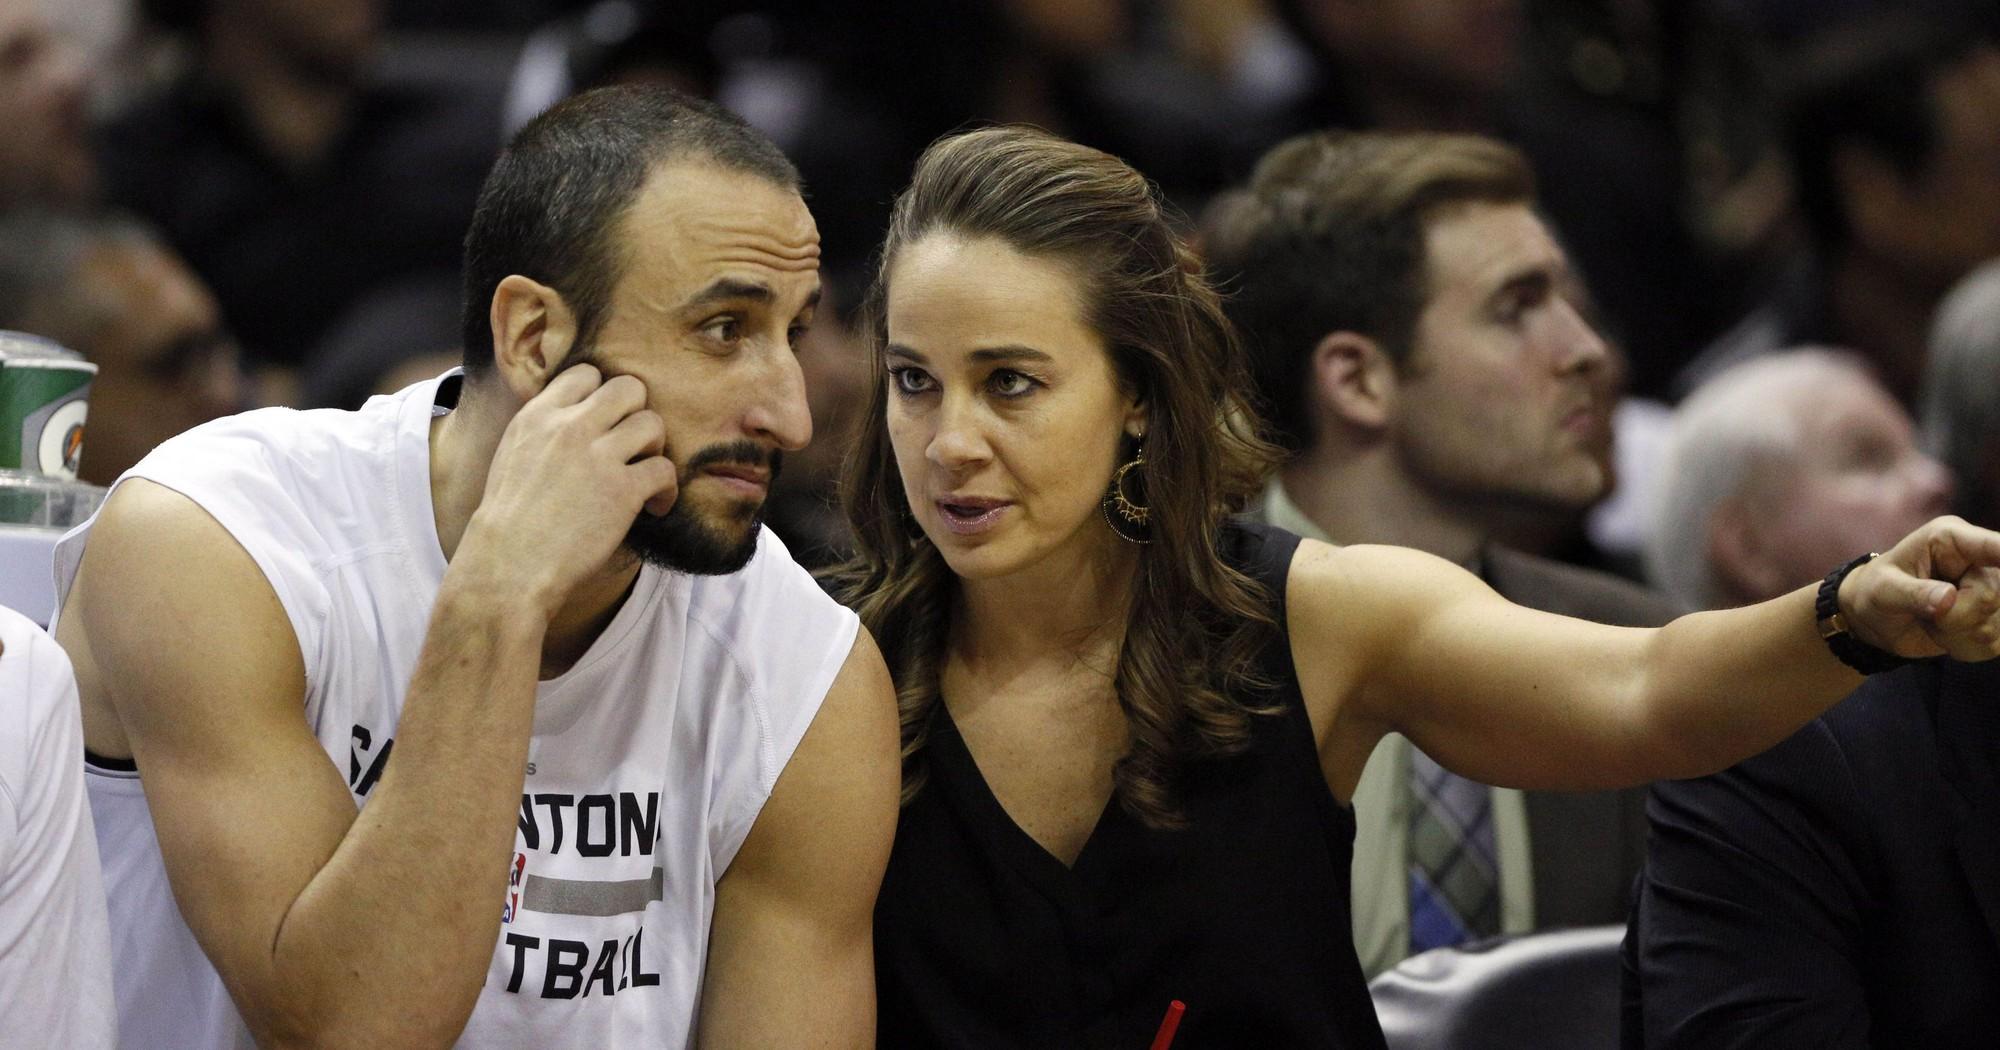 Vấn đề tranh cãi: Người đẹp làm huấn luyện tại NBA chỉ gây rắc rối - Ảnh 2.